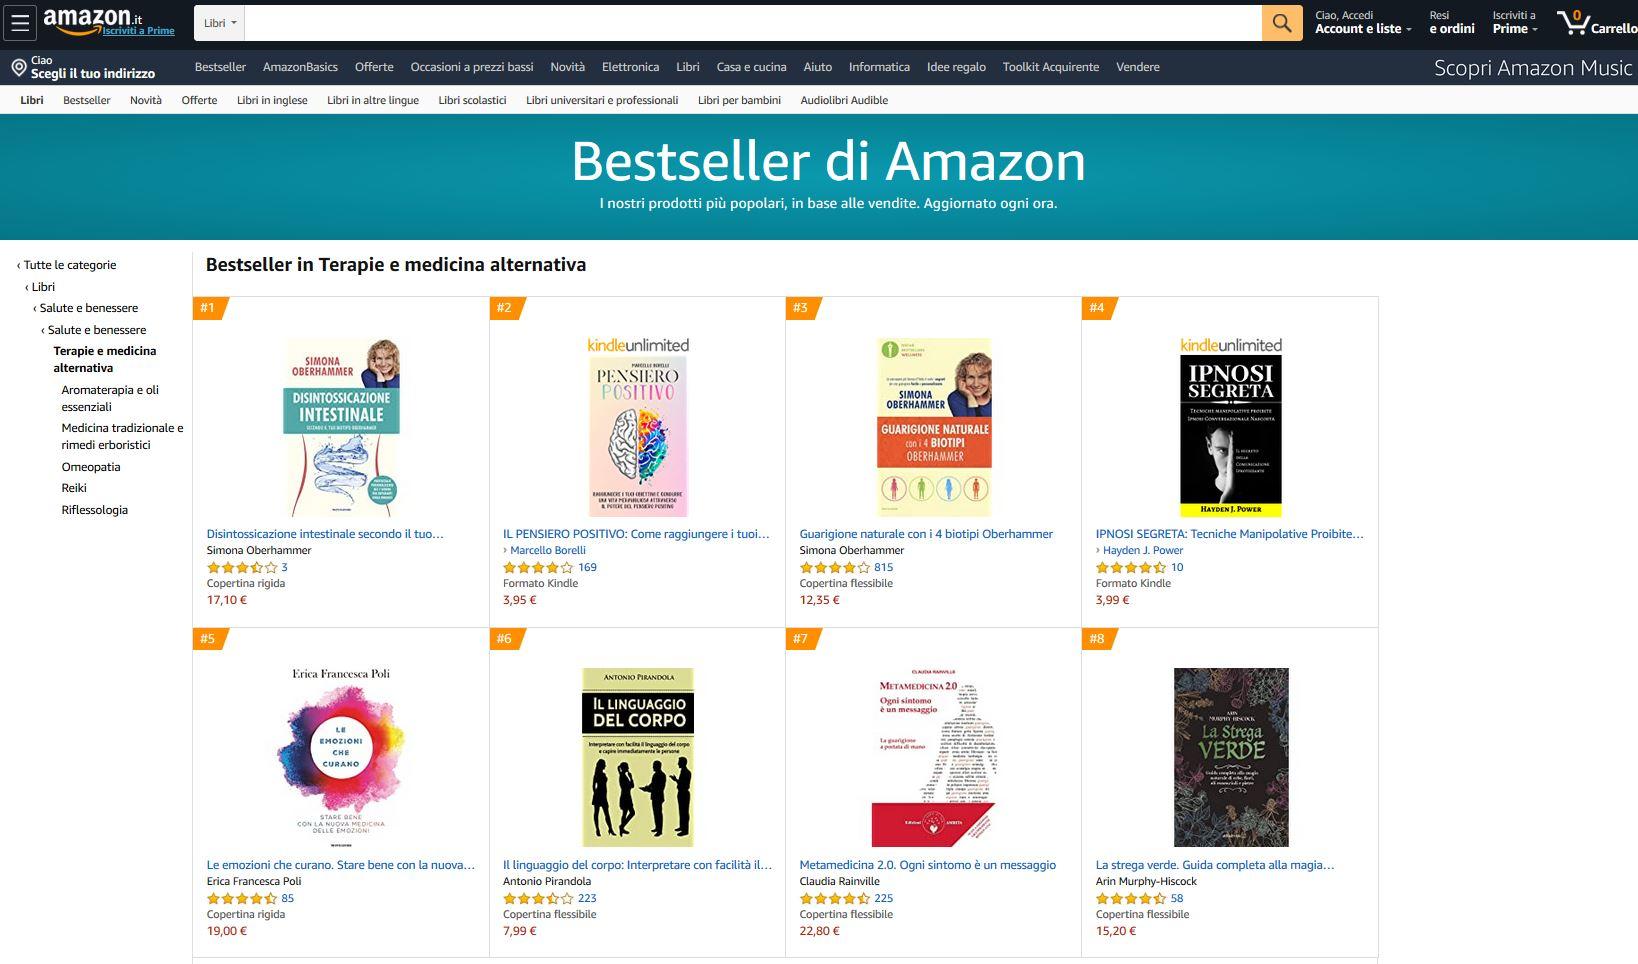 Disintossicazione Intestinale e Guarigione Naturale - best seller Amazon